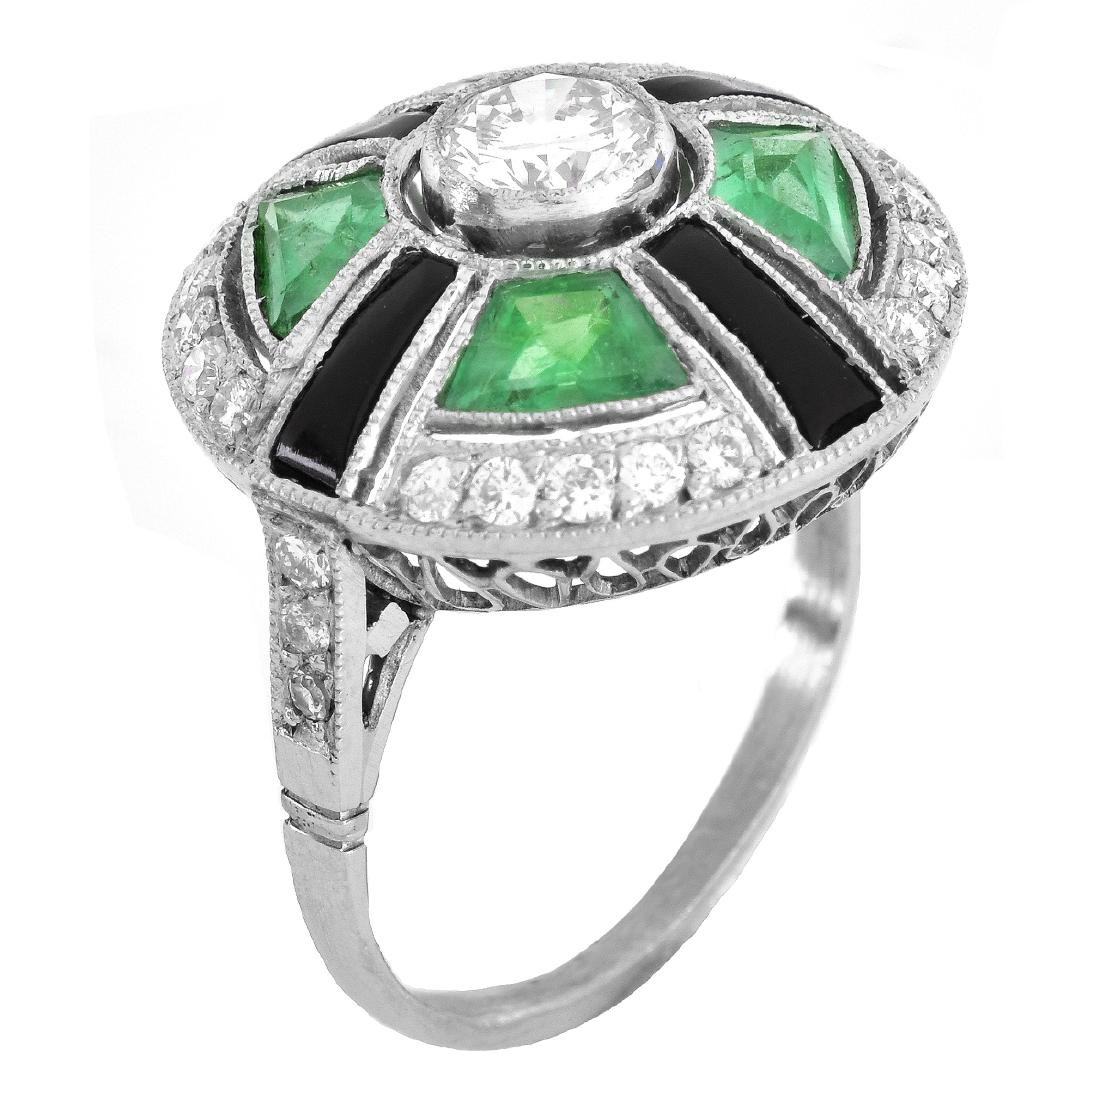 Art Deco Emerald, Diamond and Platinum Ring